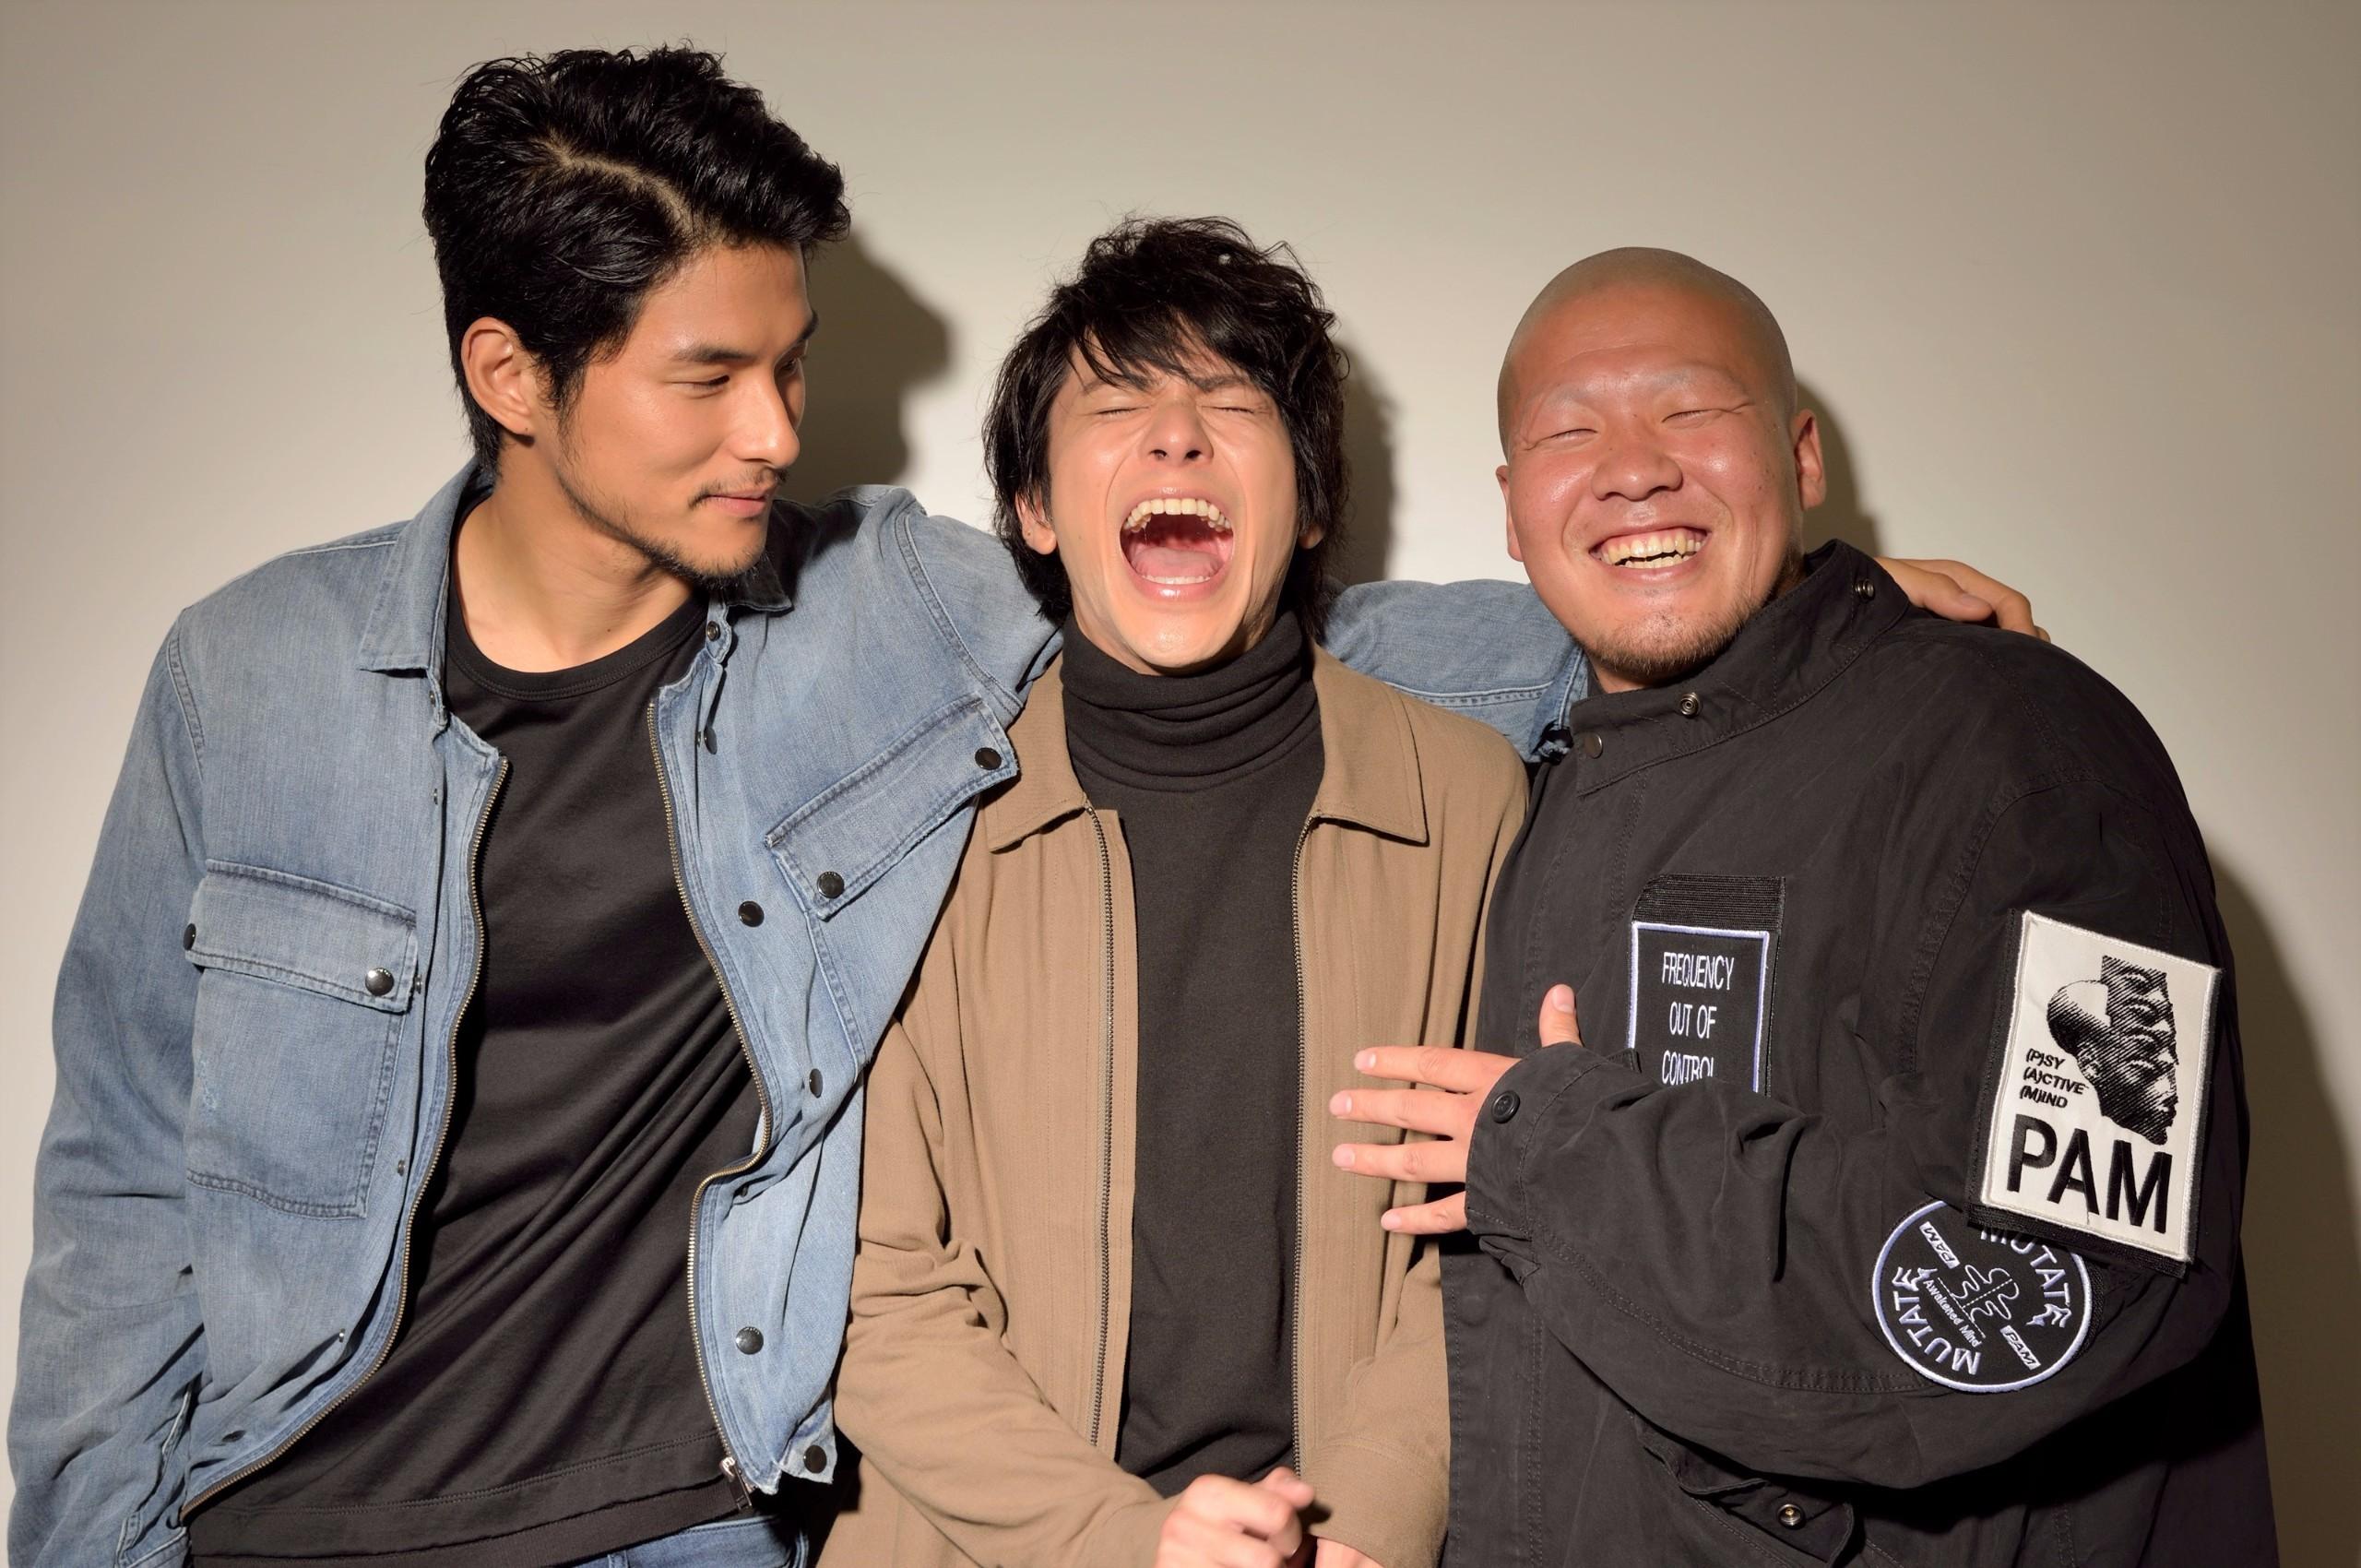 左から、鈴木貴之、山田裕貴、一ノ瀬ワタル 撮影=荒川 潤